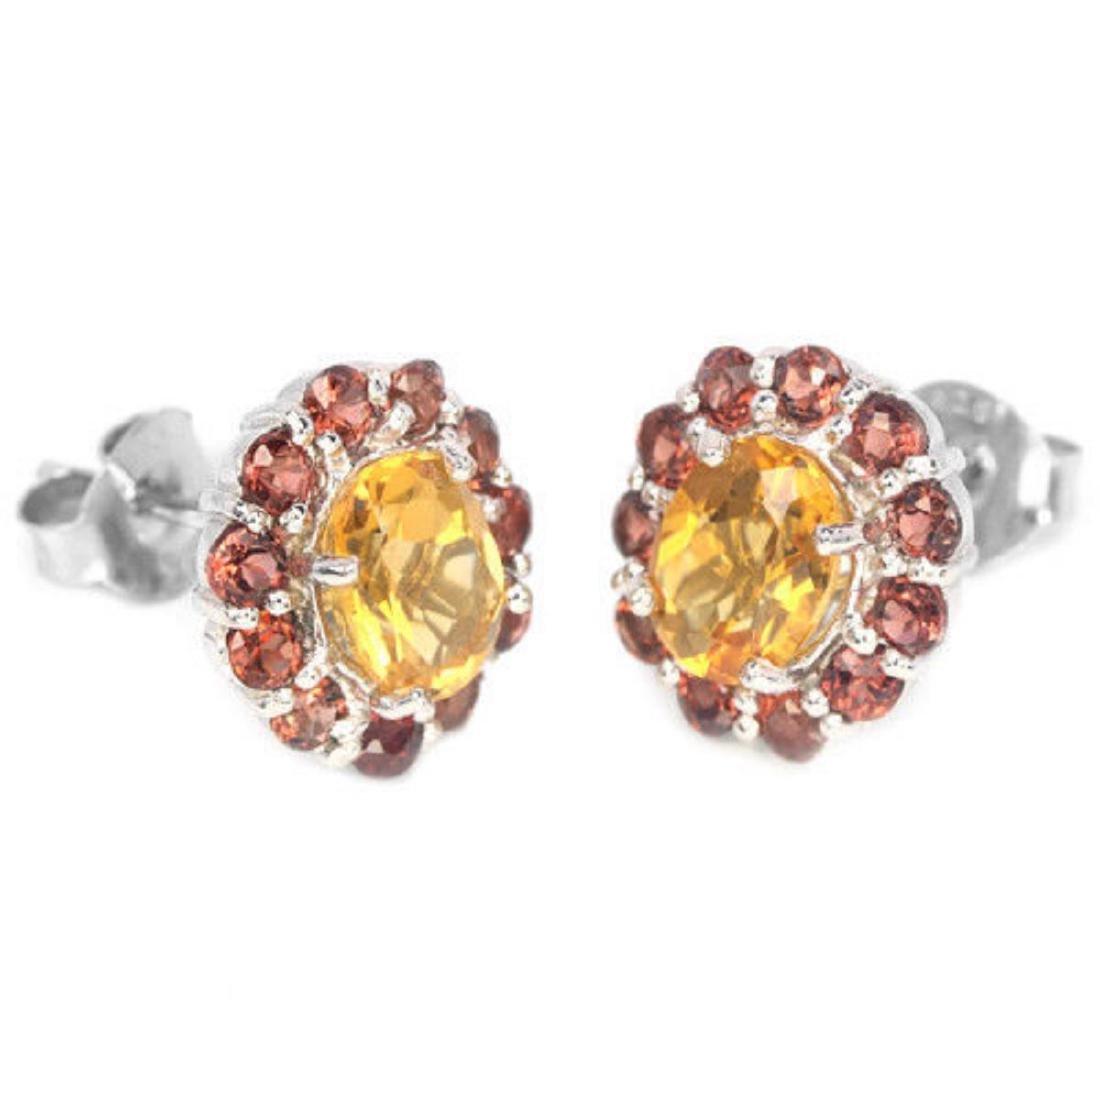 Natural CITRINE & DARK ORANGE RED GARNET Earring - 2